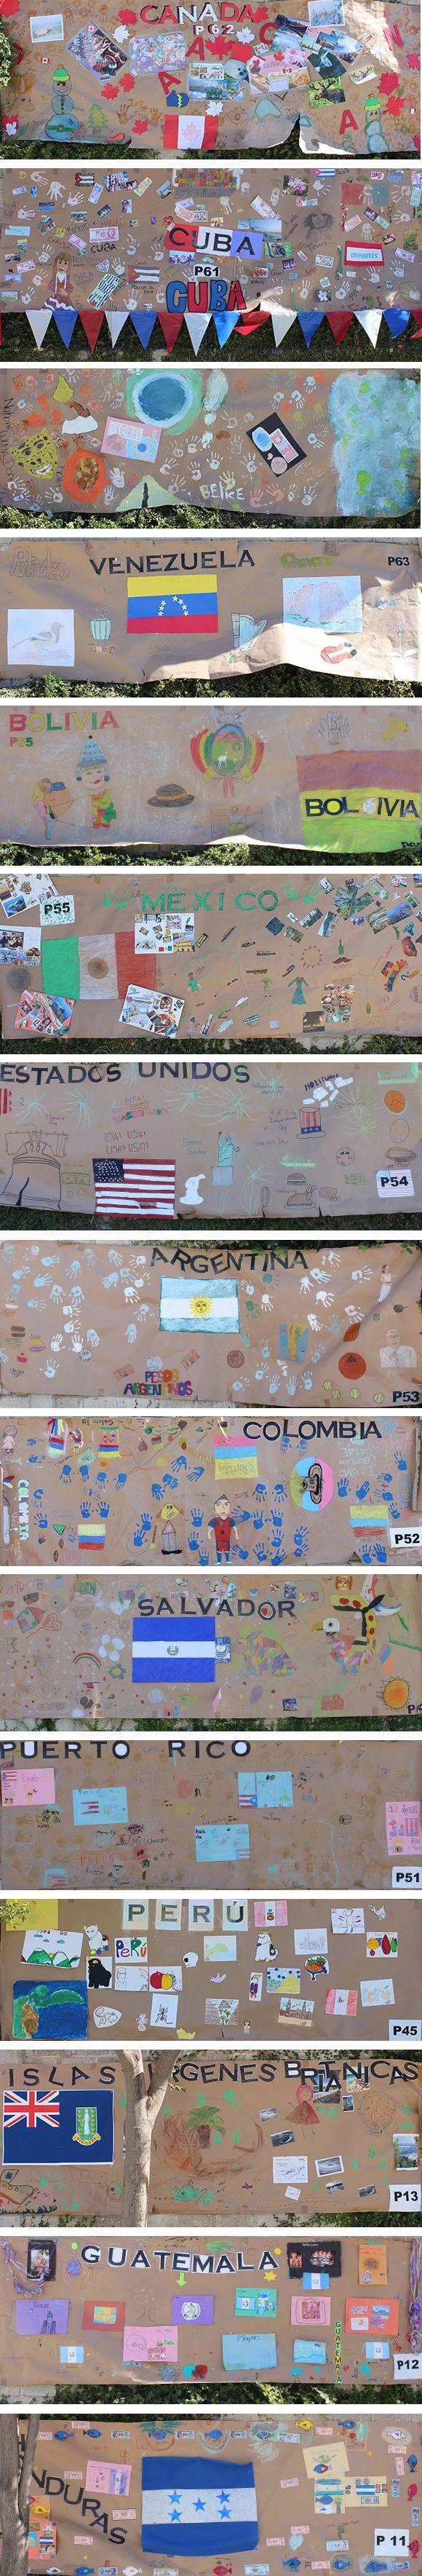 Murales artísticos - Países americanos